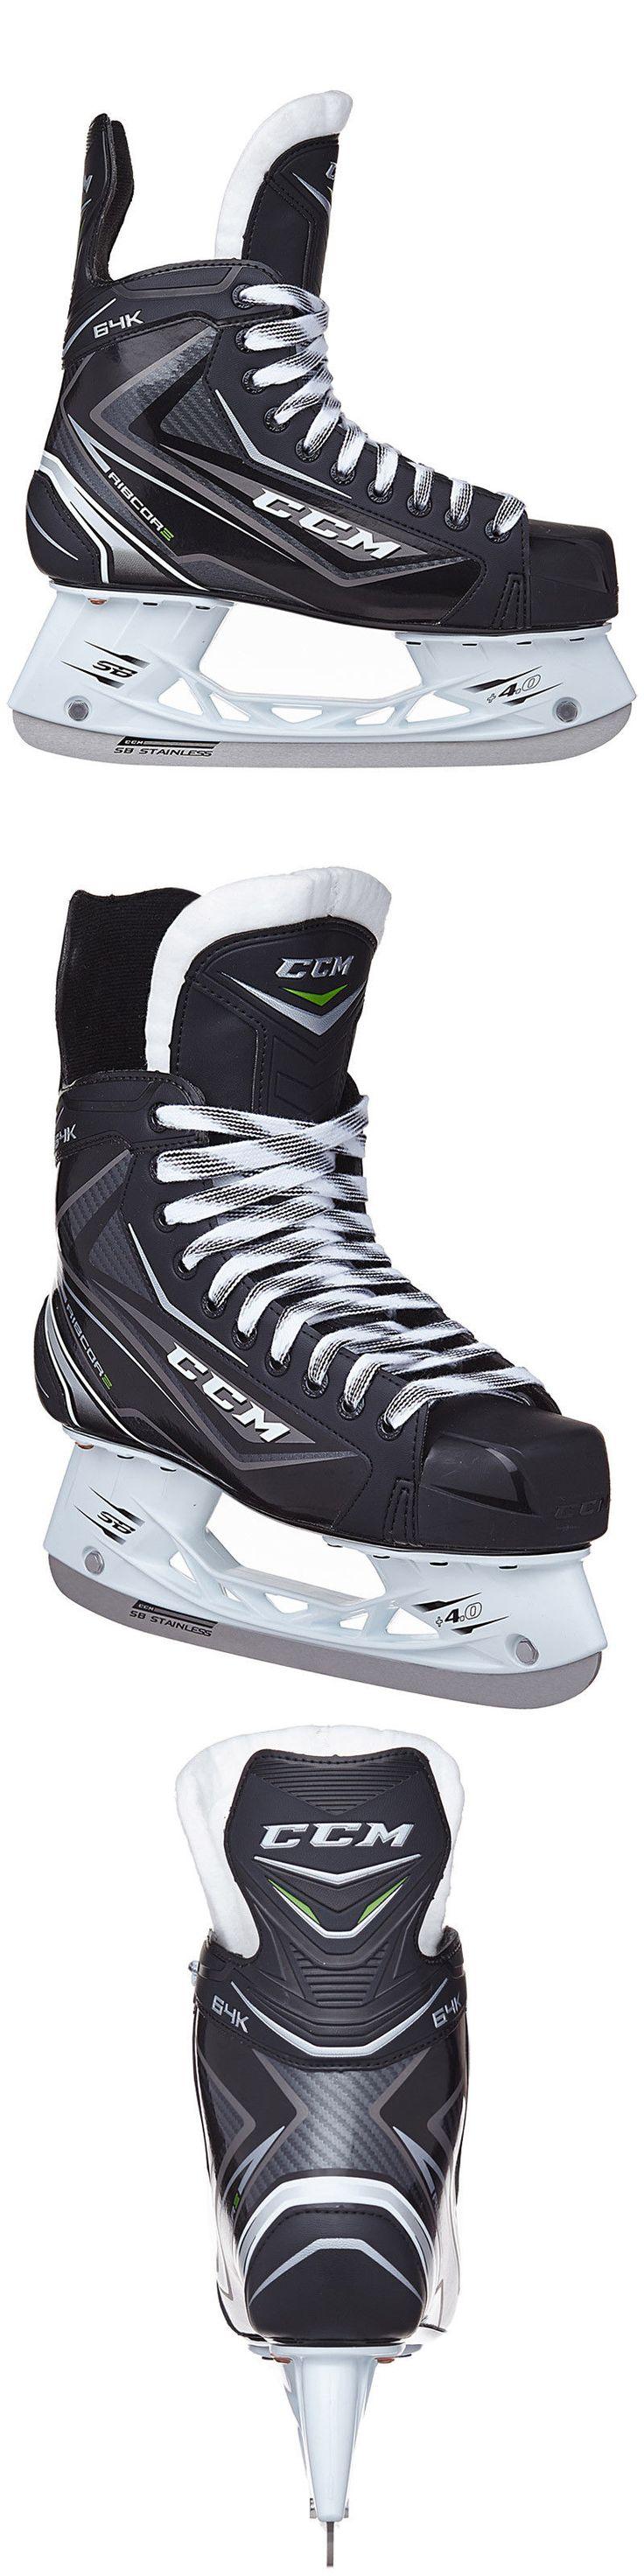 Men 26345: Ccm Ribcor 64K Ice Hockey Skates - Senior (Brand New) -> BUY IT NOW ONLY: $180 on eBay!